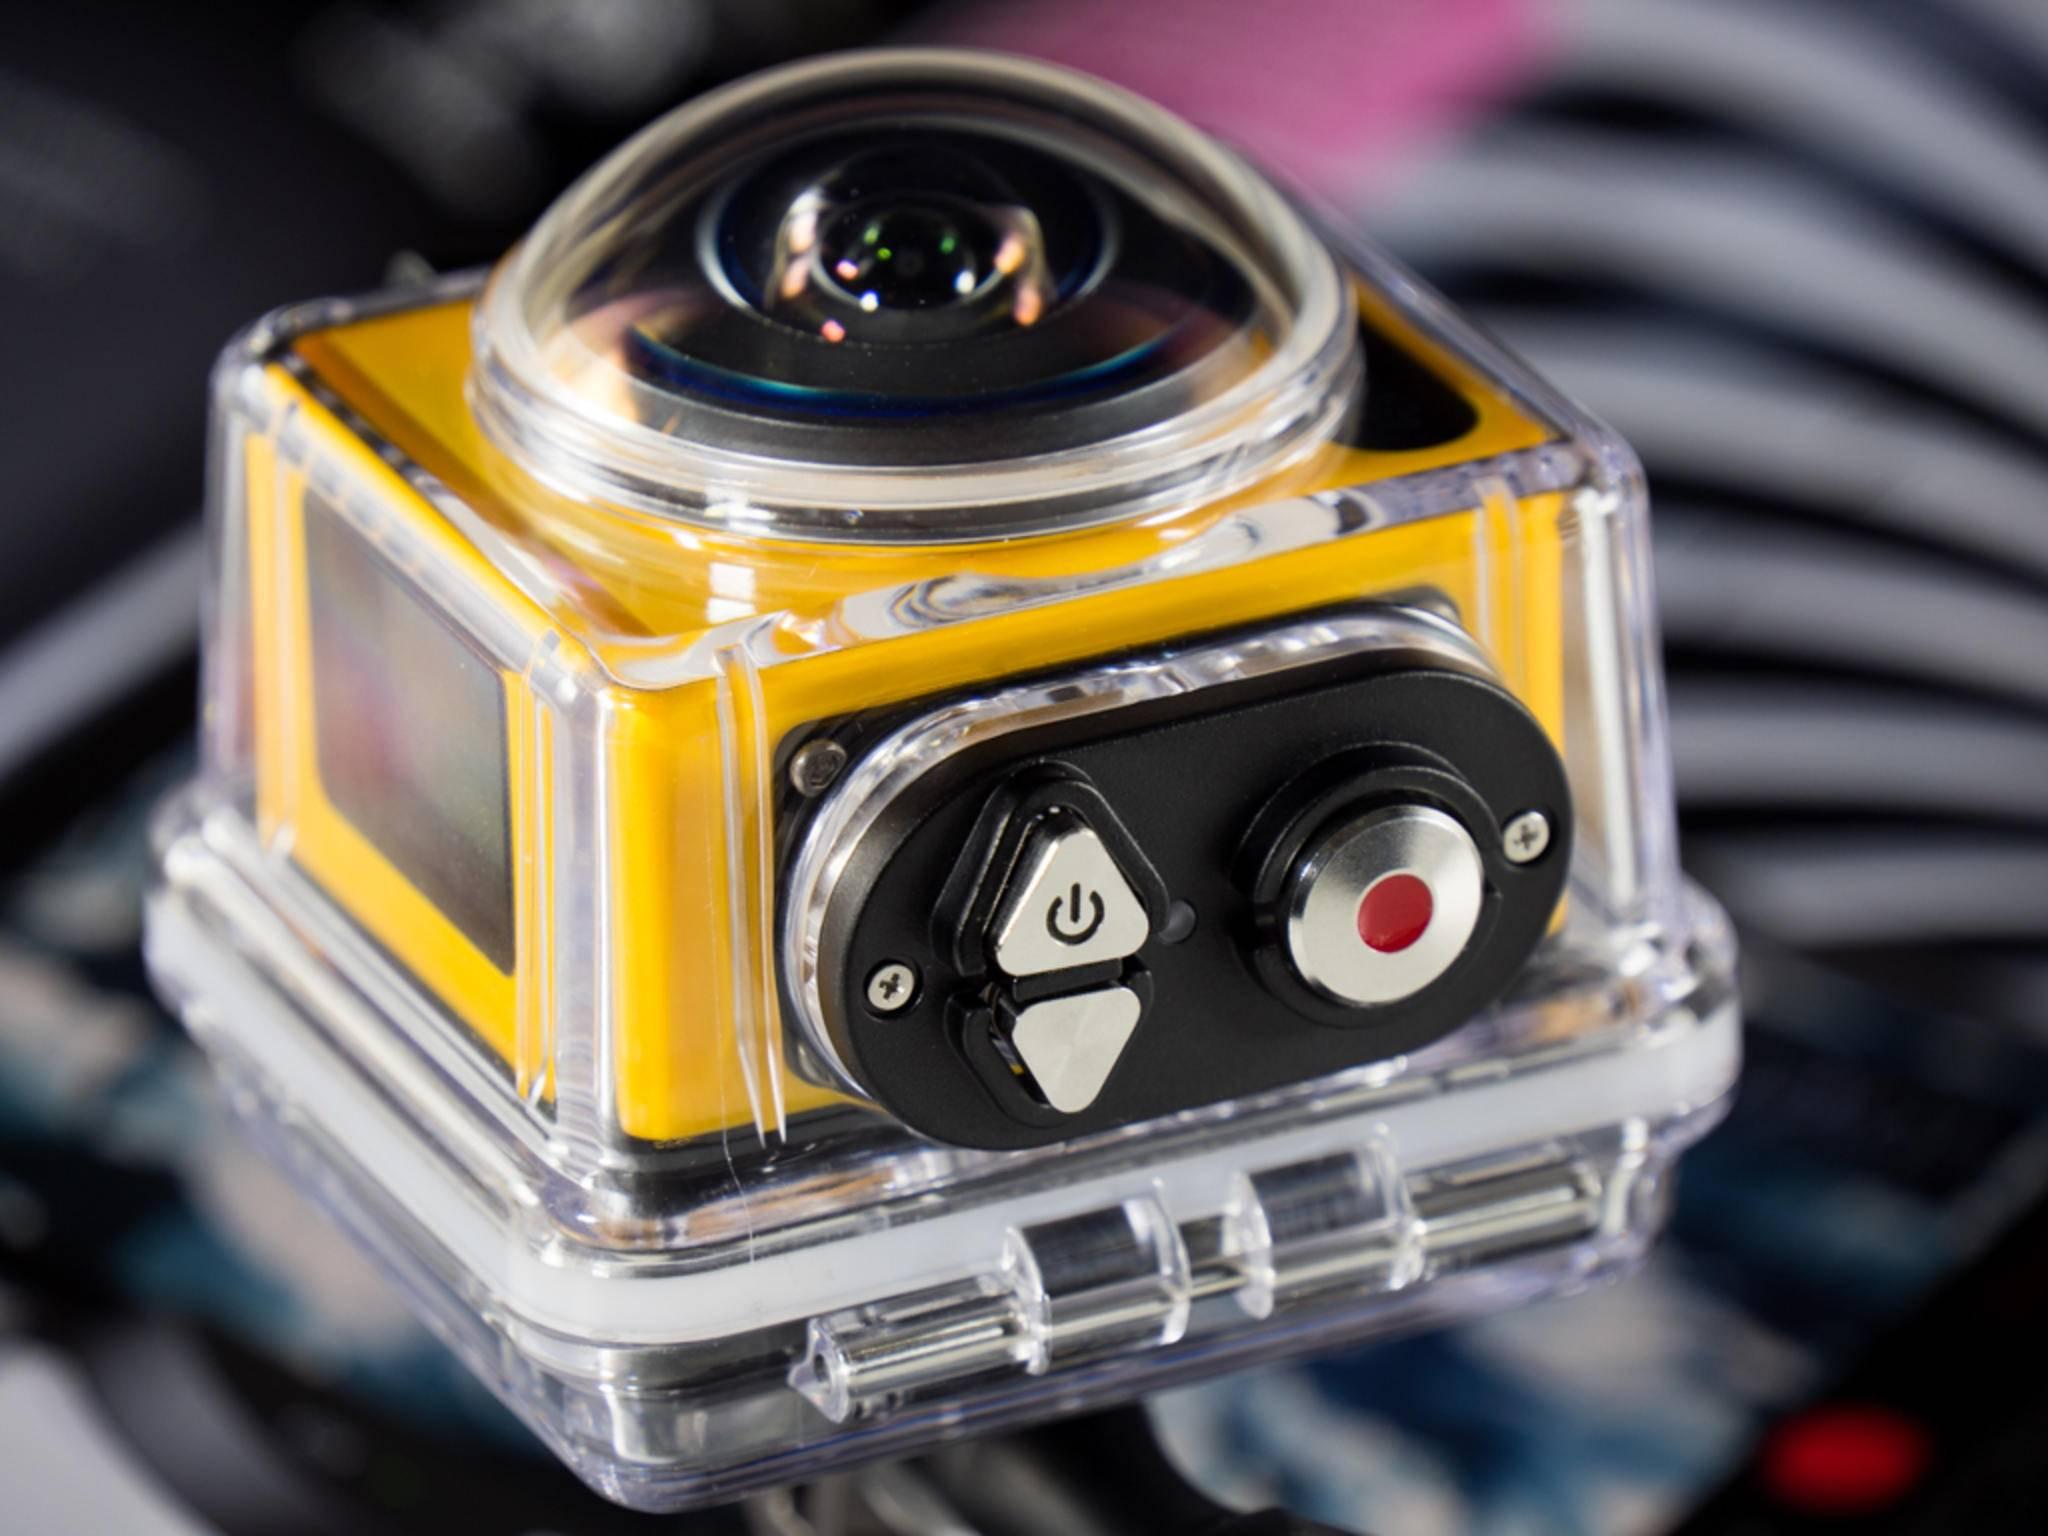 Dieses Zubehör sorgt dafür, dass die Action-Cam auch unter Wasser funktioniert.